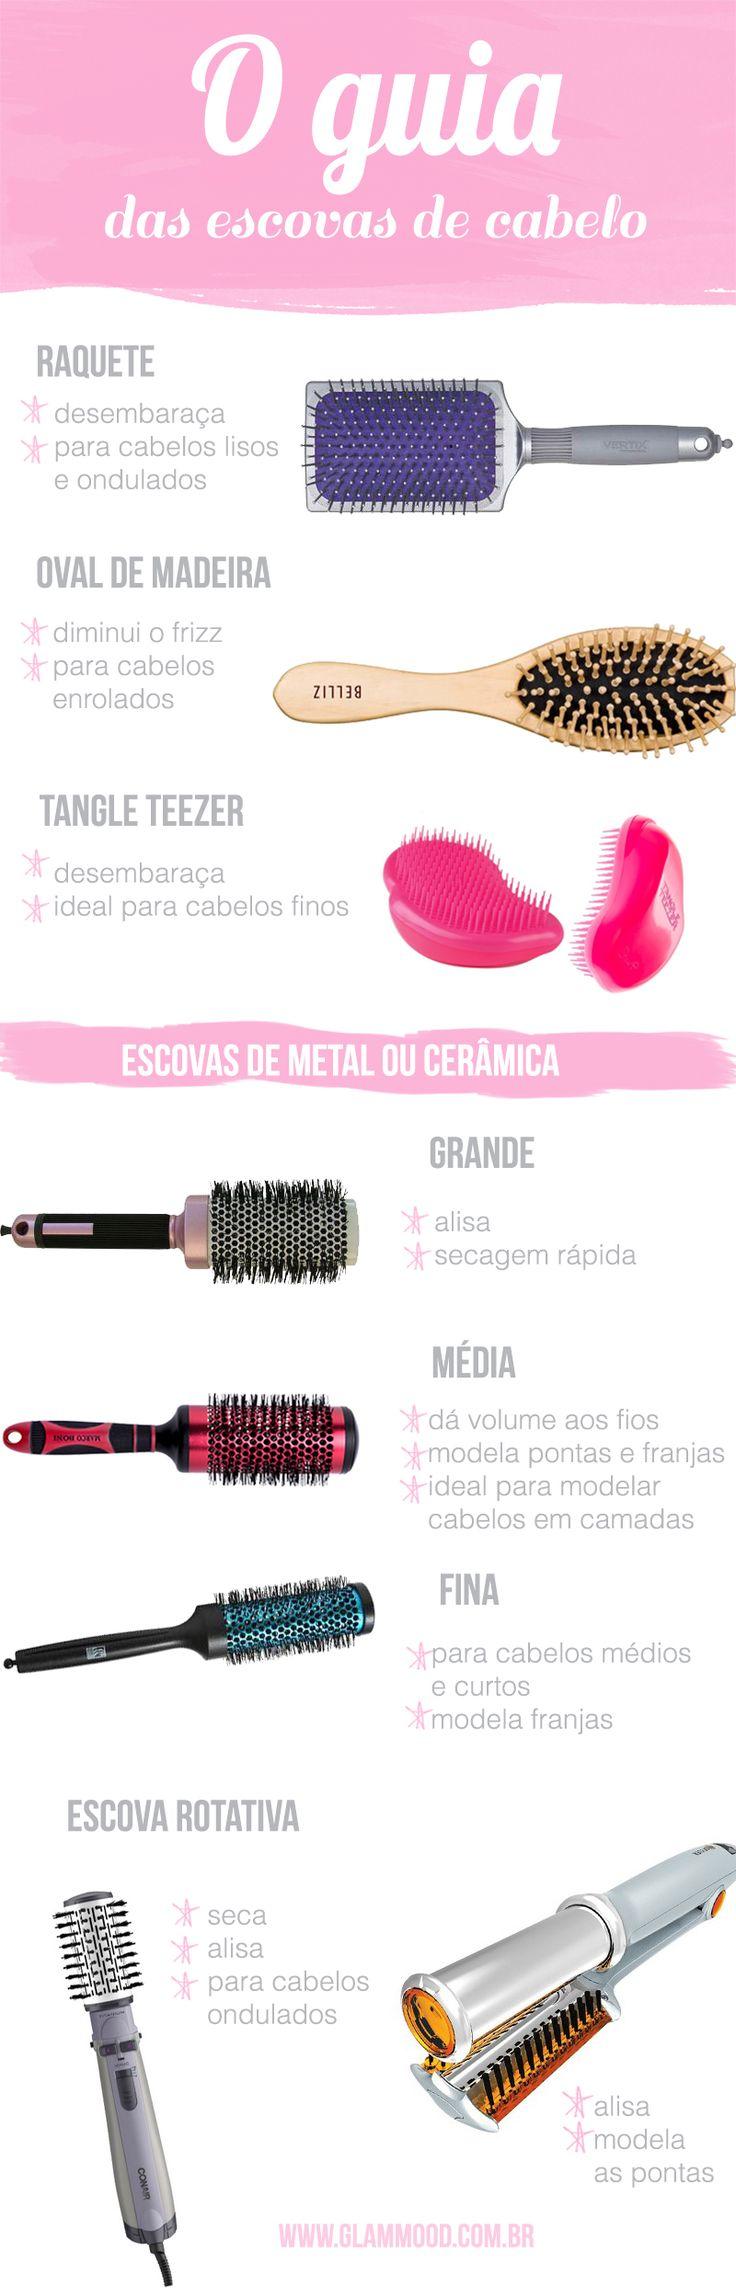 O guia das escovas de cabelo